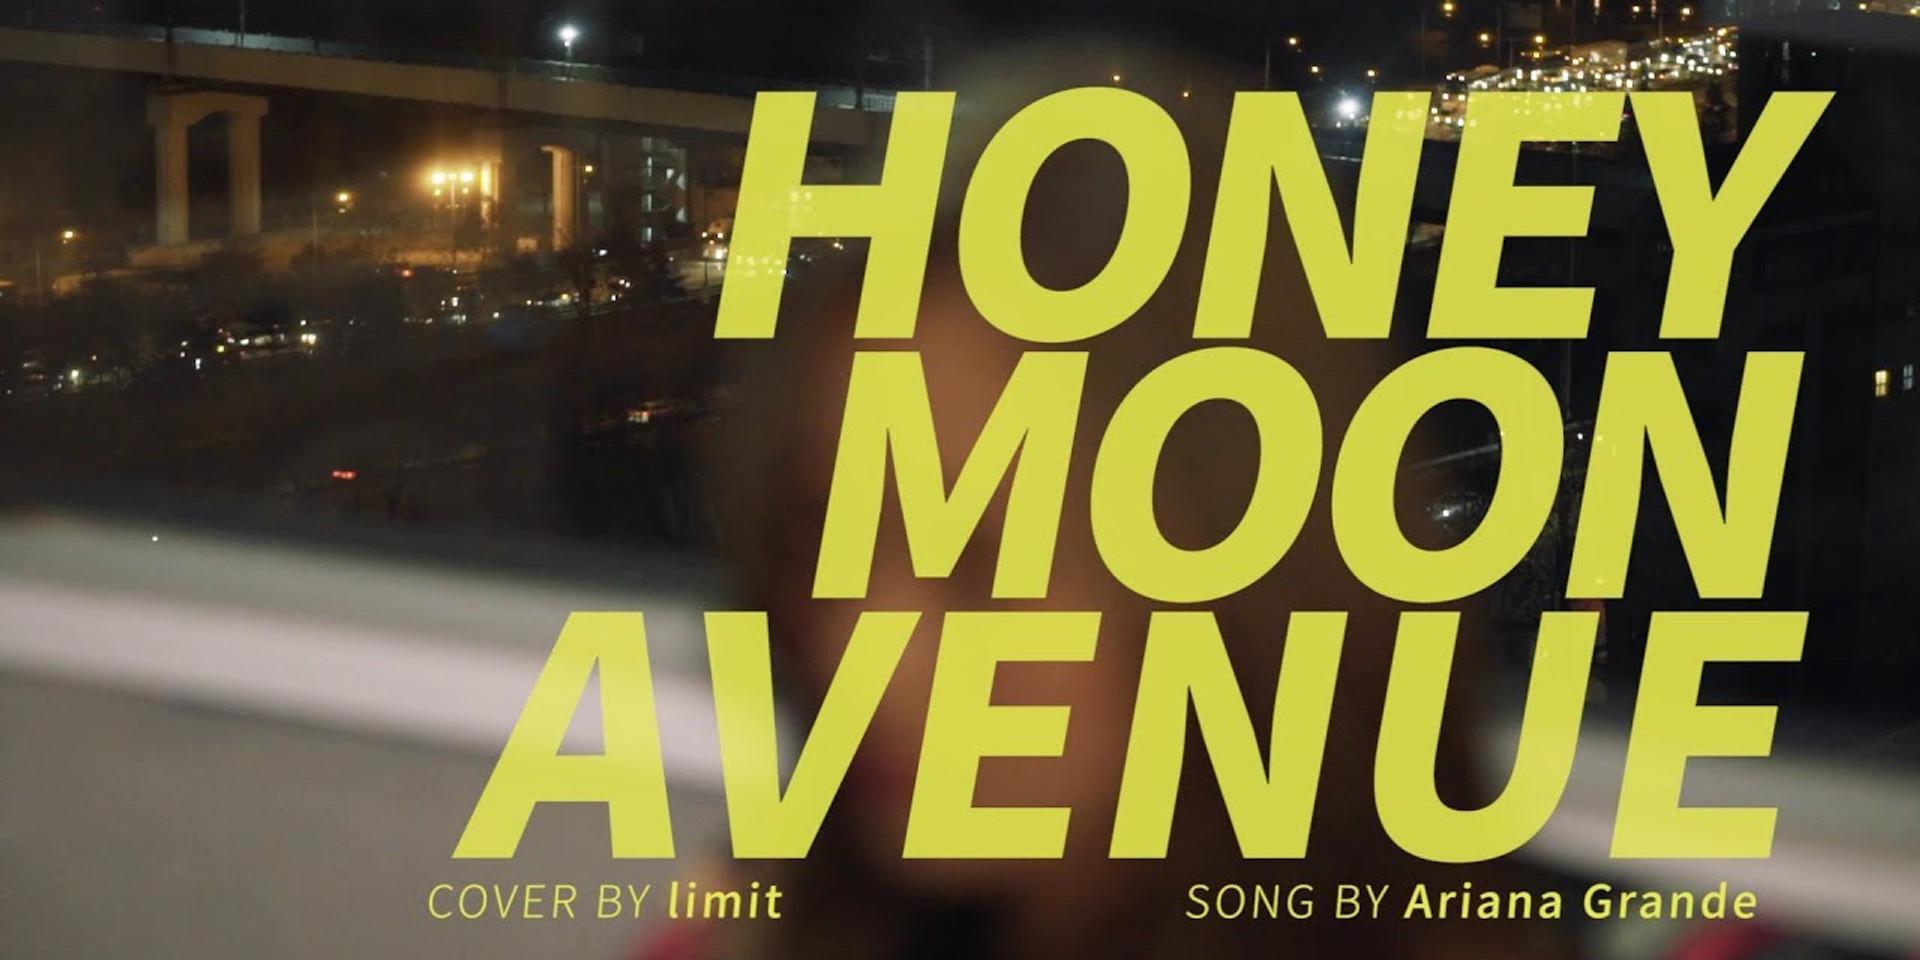 리밋(LIMIT) - Honeymoon Avenue /아리아나그란데(Ariana Grande) 커버cover